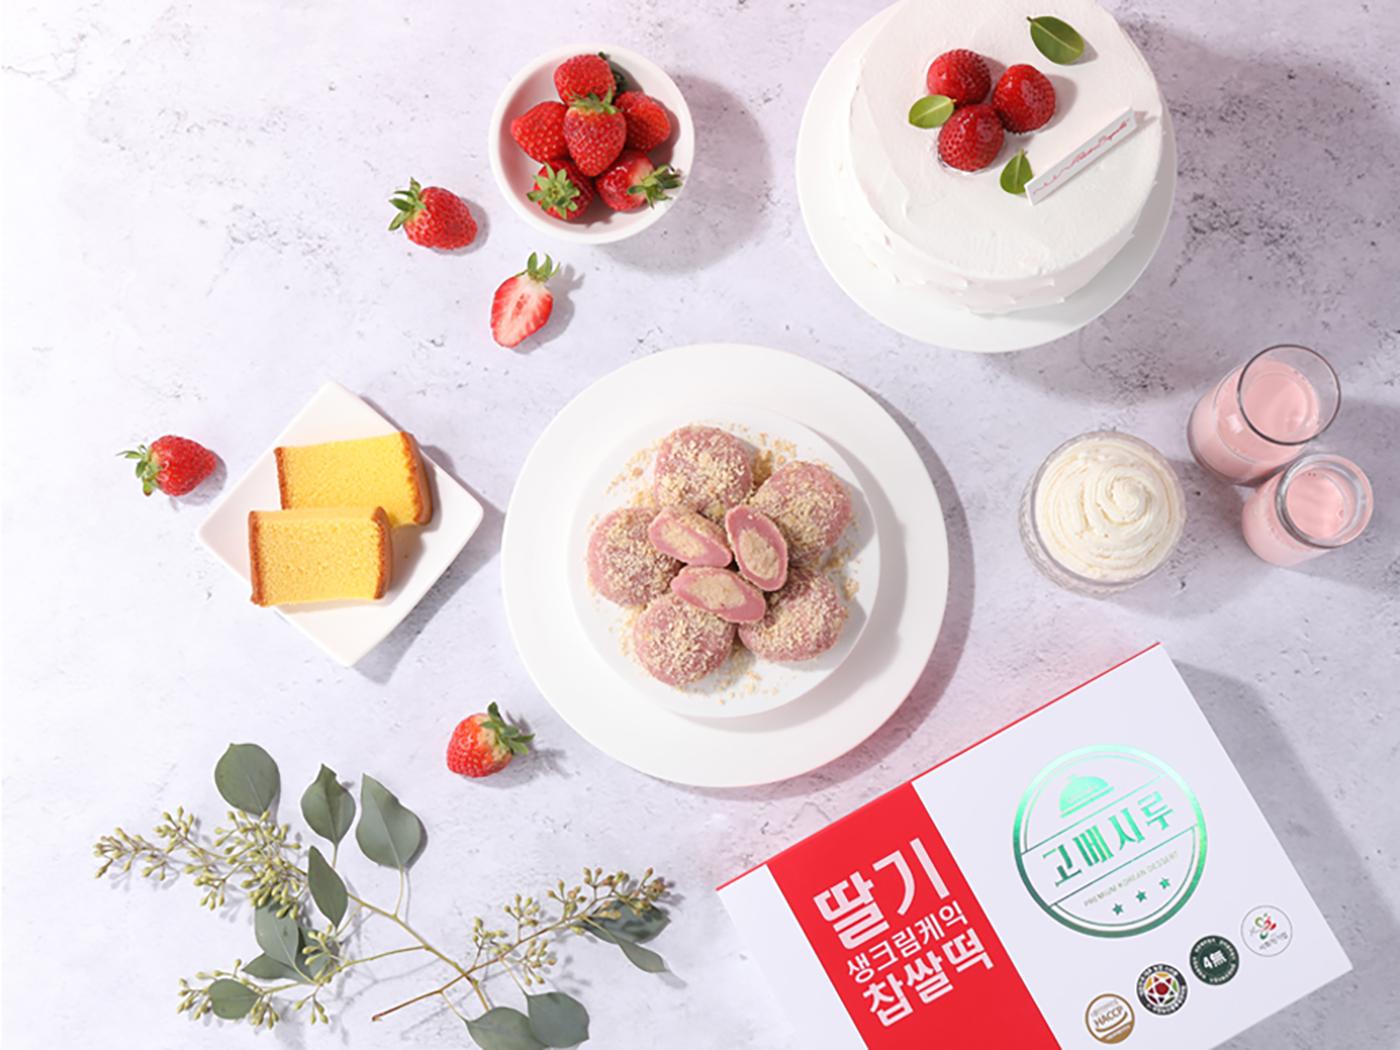 굳지 않는 딸기 생크림 케익 모찌 찹쌀떡 (15입) 상세이미지2